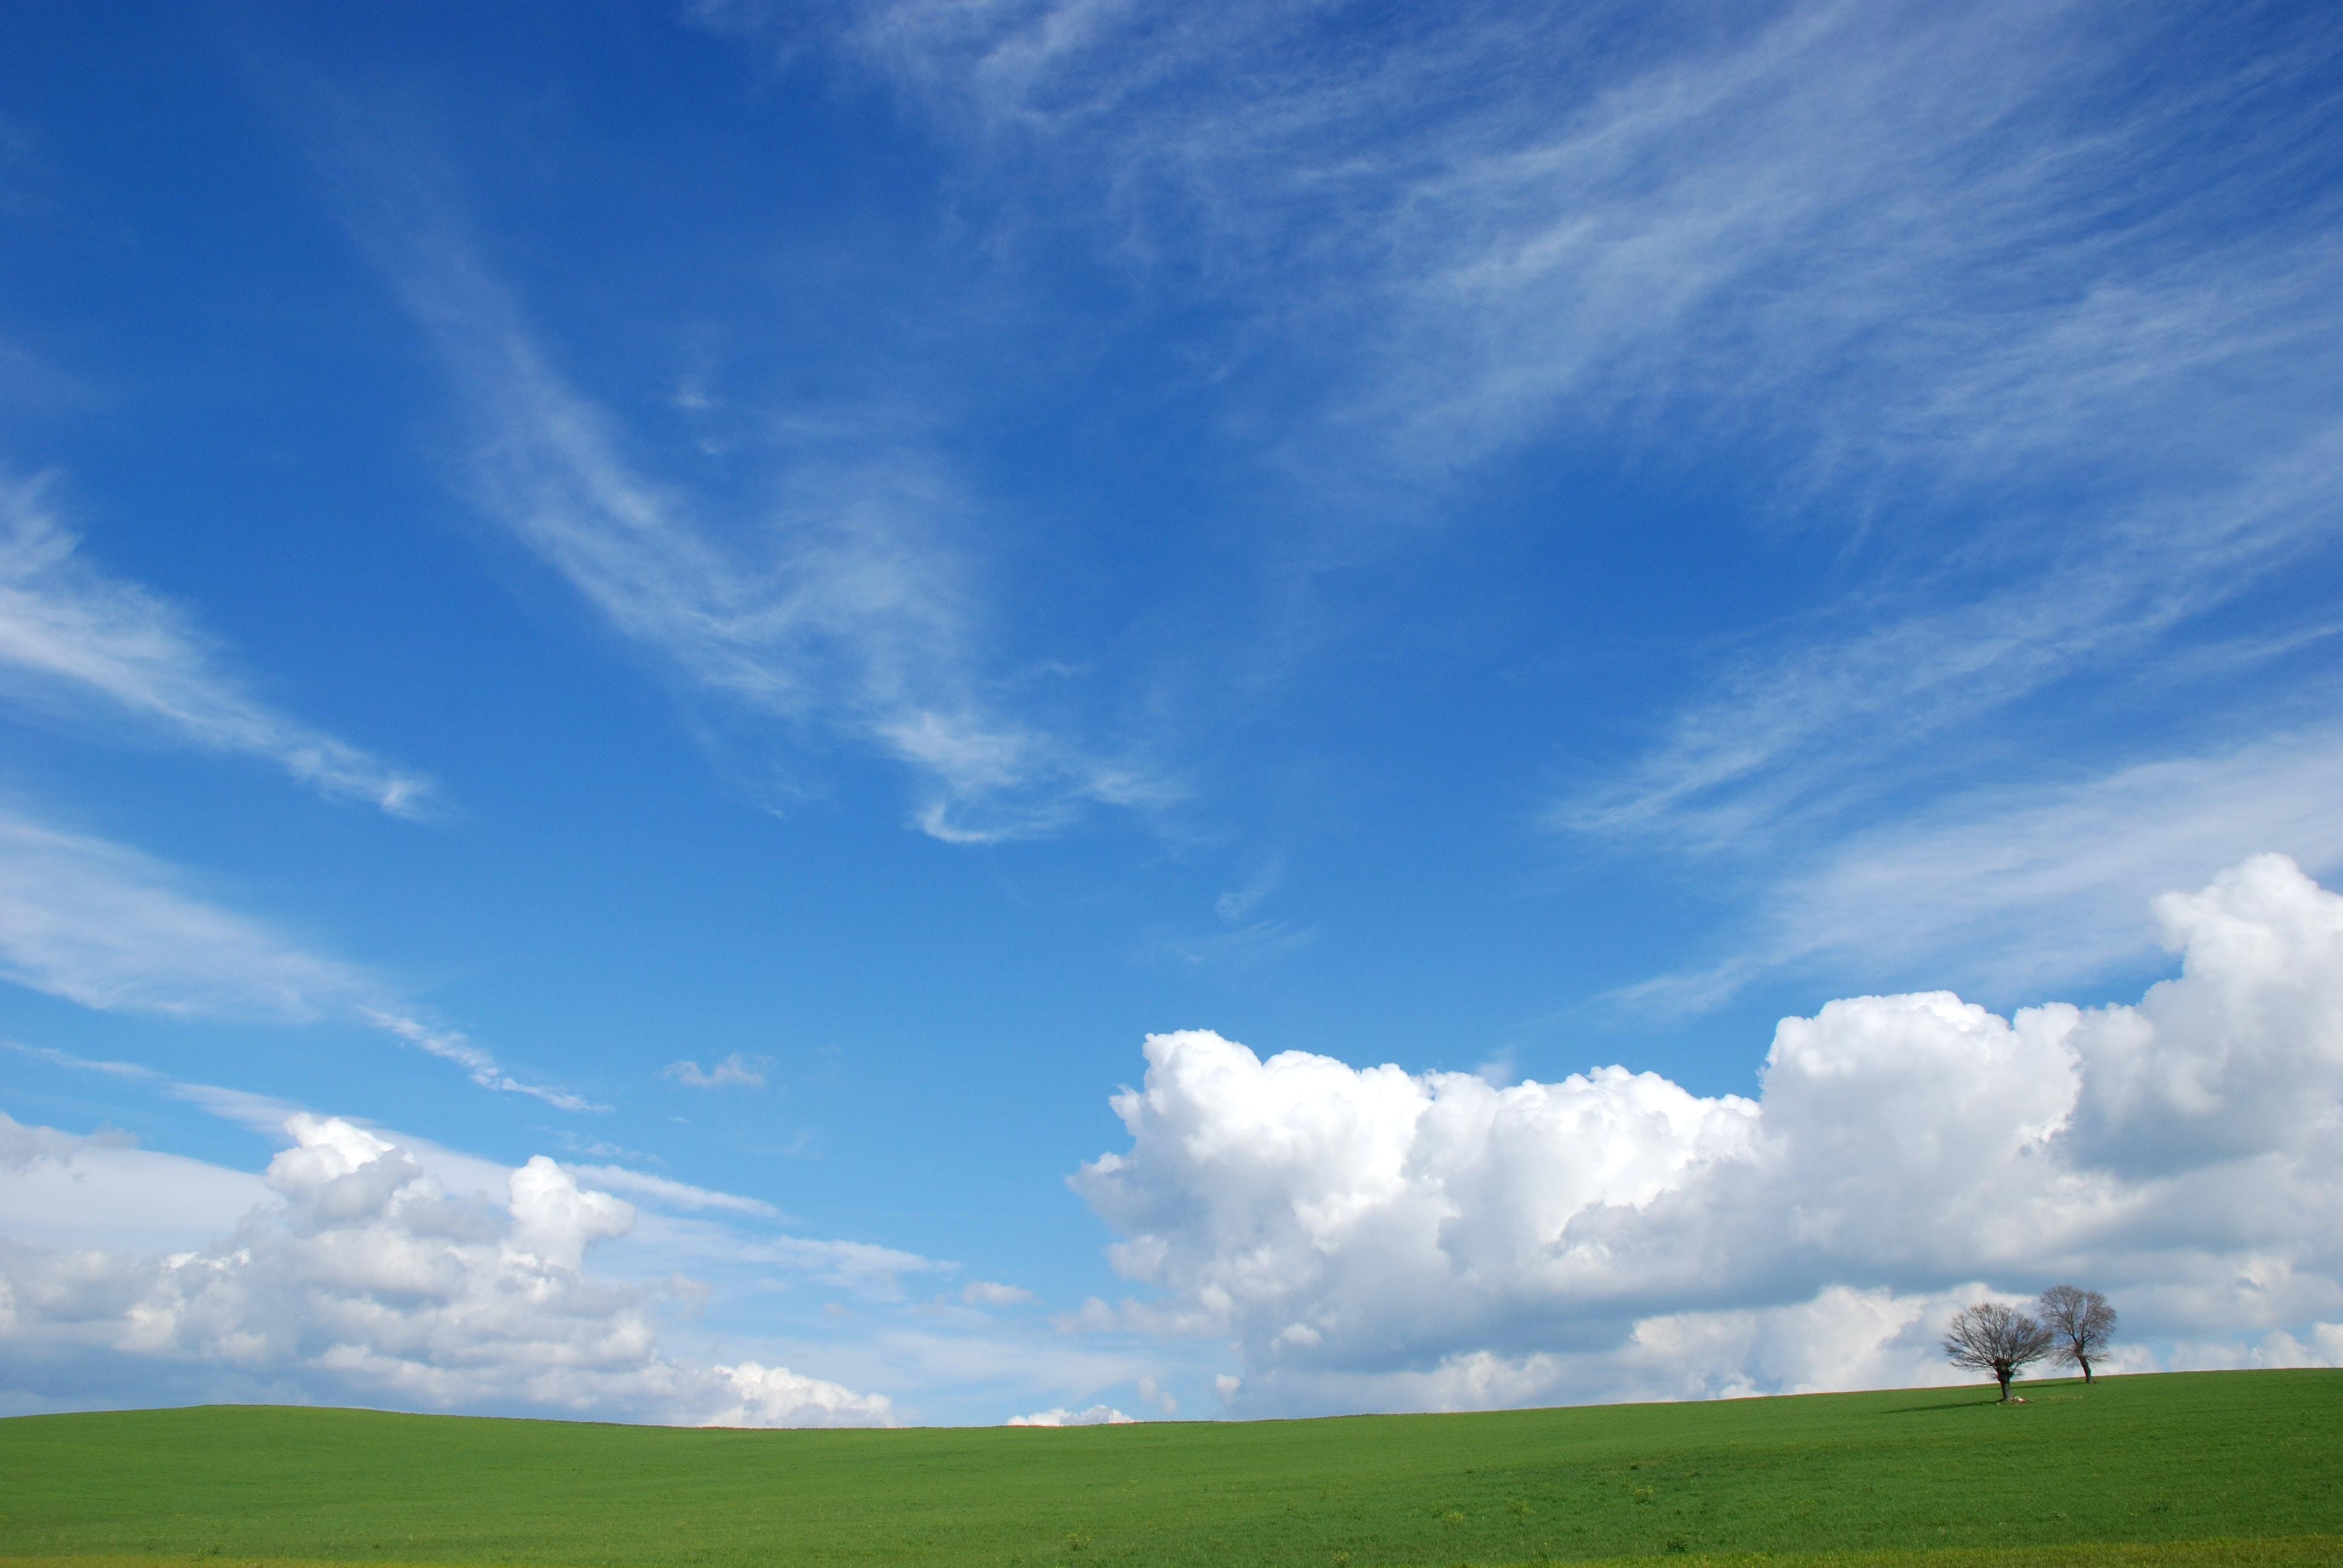 landscape photography of green land under bluesky